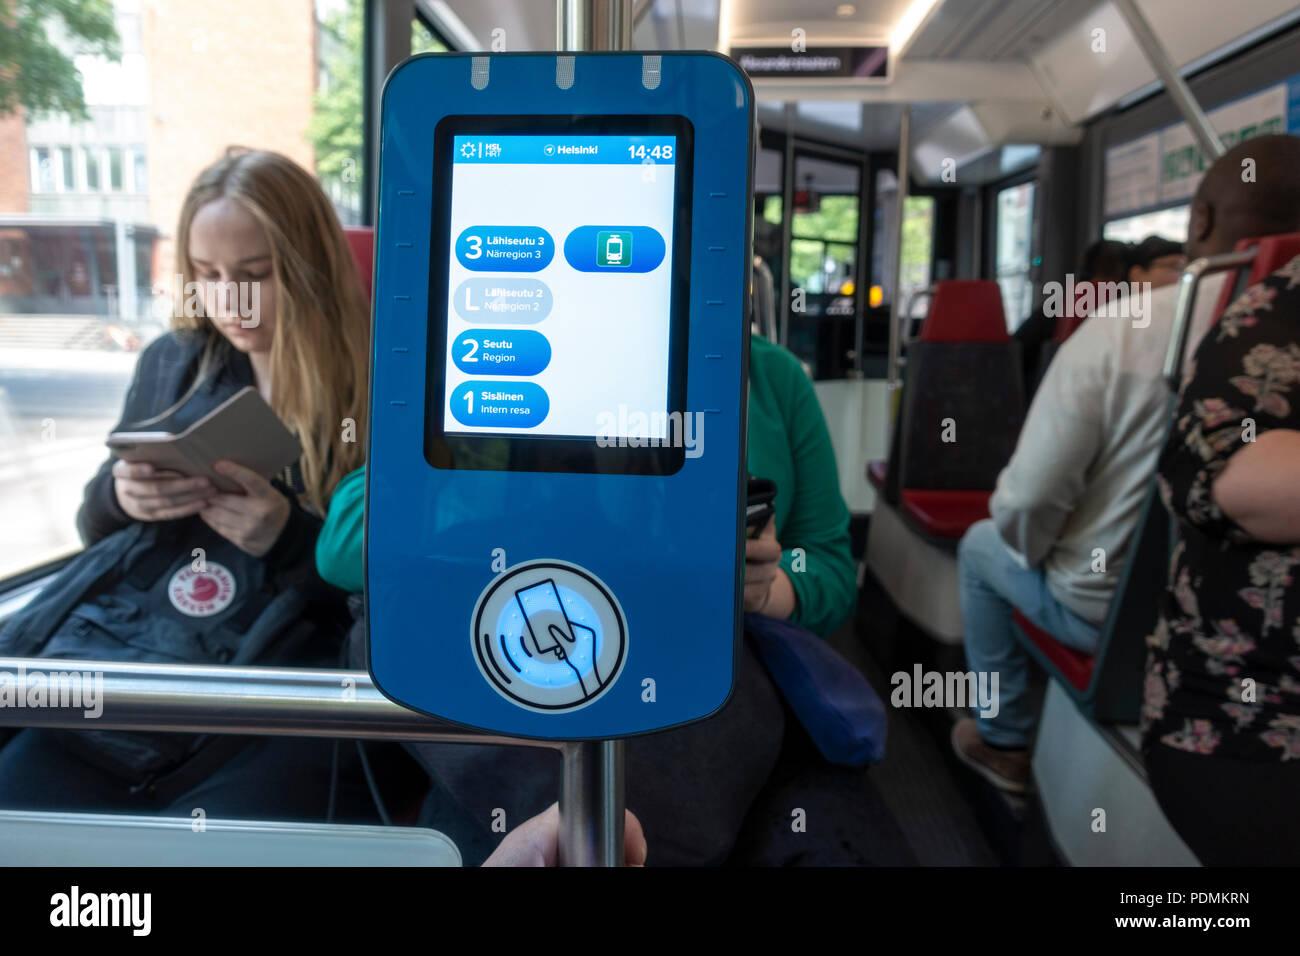 HSL de Tarjeta y lector de tarjeta de visitante en Helsinki el tranvía. Tarjetas inteligentes sin contacto validador de billetes electrónicos. Billete de tranvía pasa la máquina. Imagen De Stock